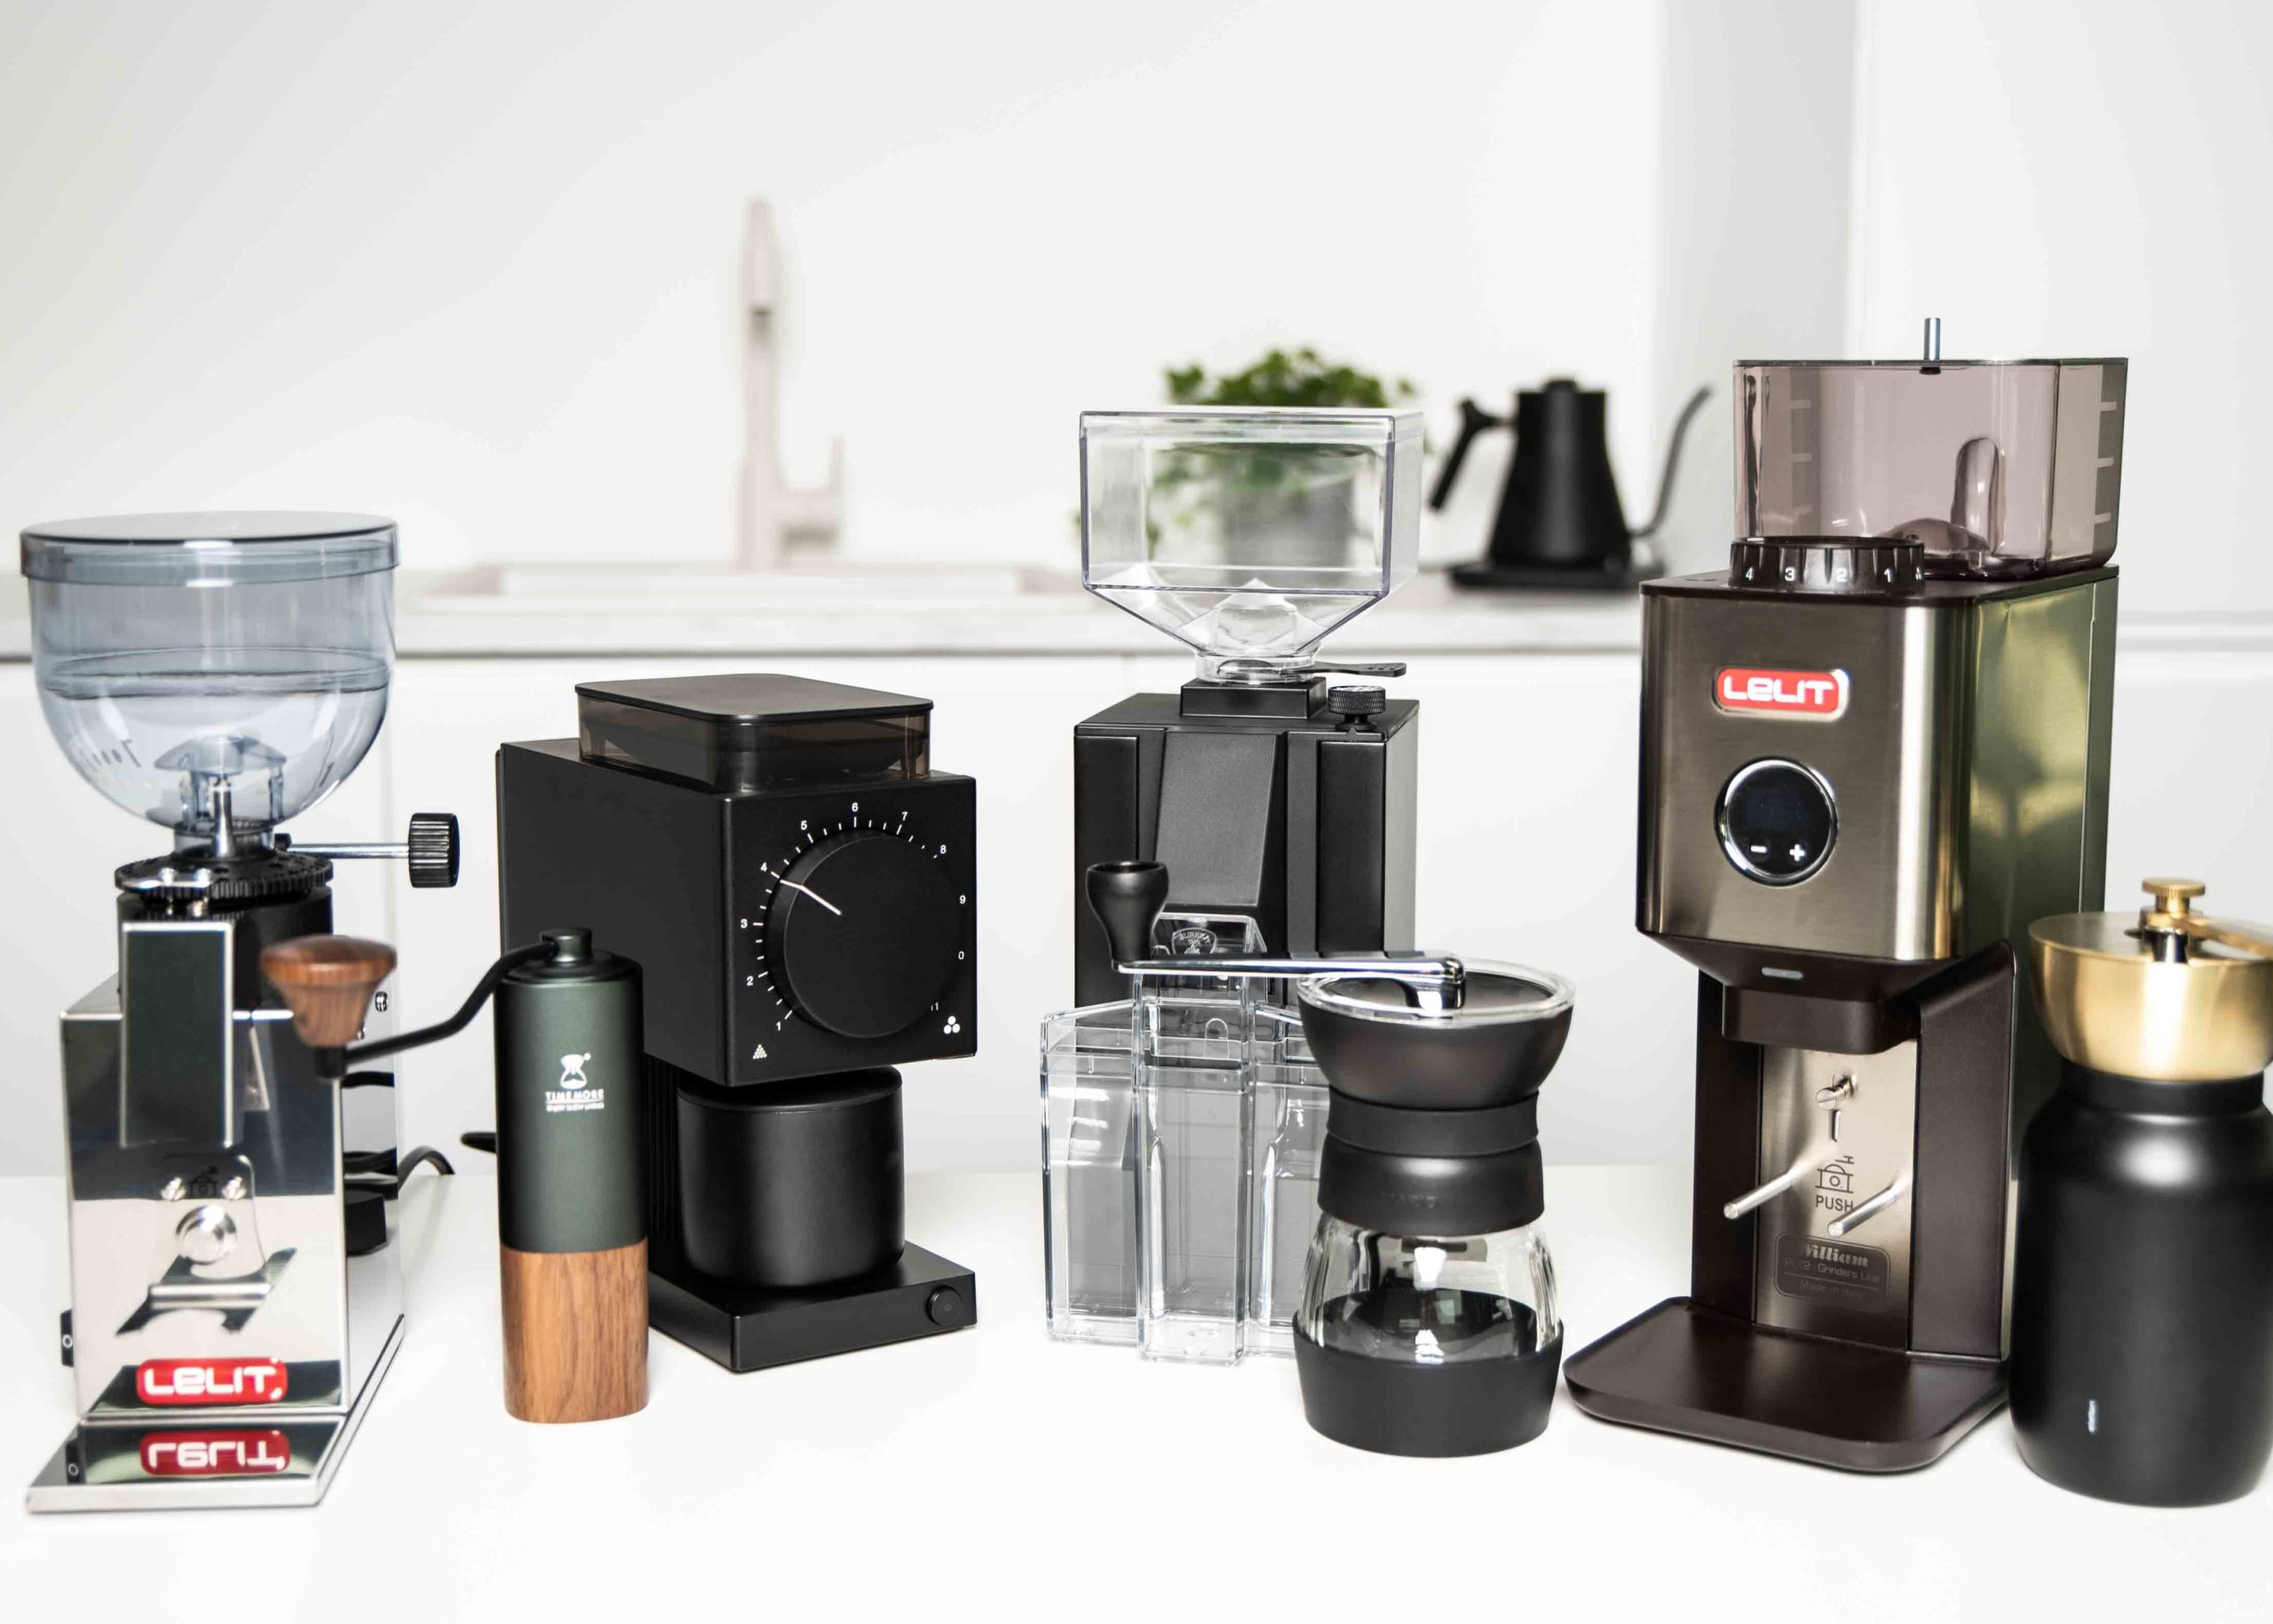 Home coffee grinder